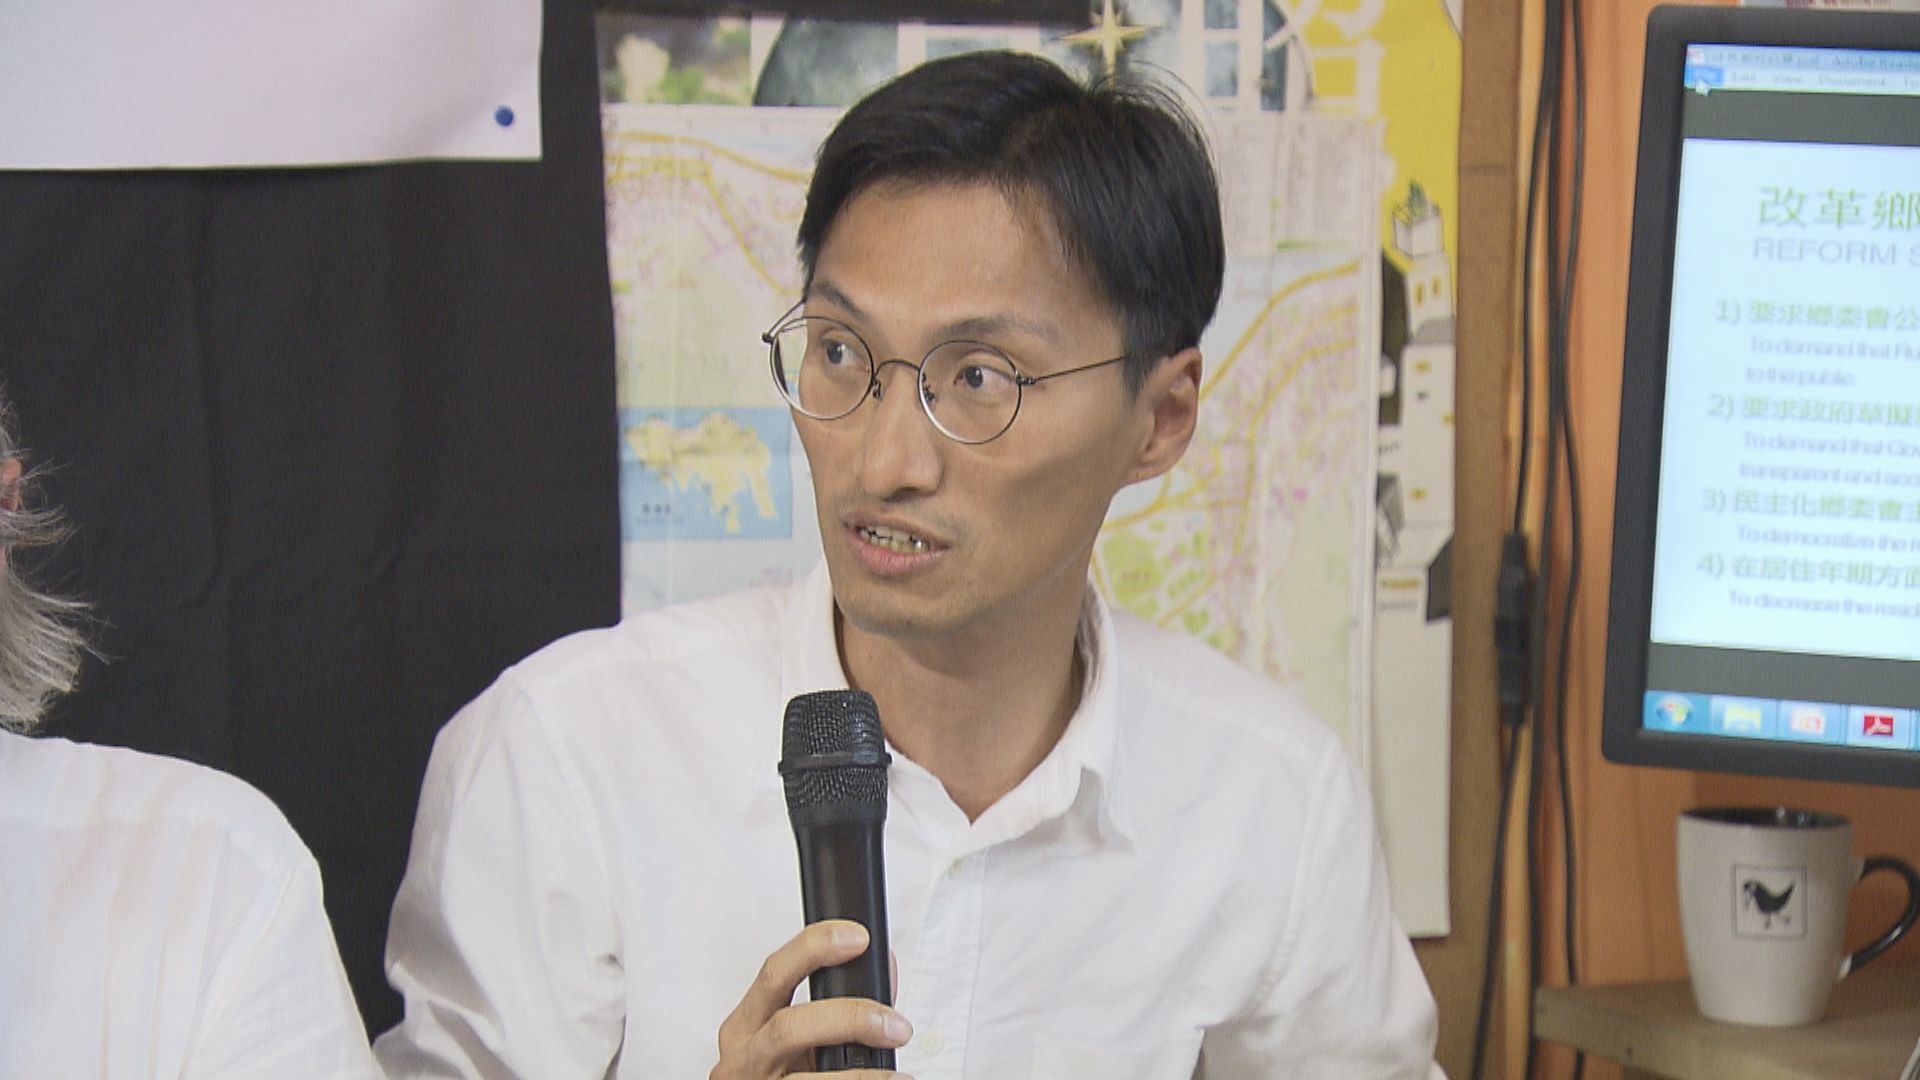 選舉主任要求朱凱廸回應香港主權問題